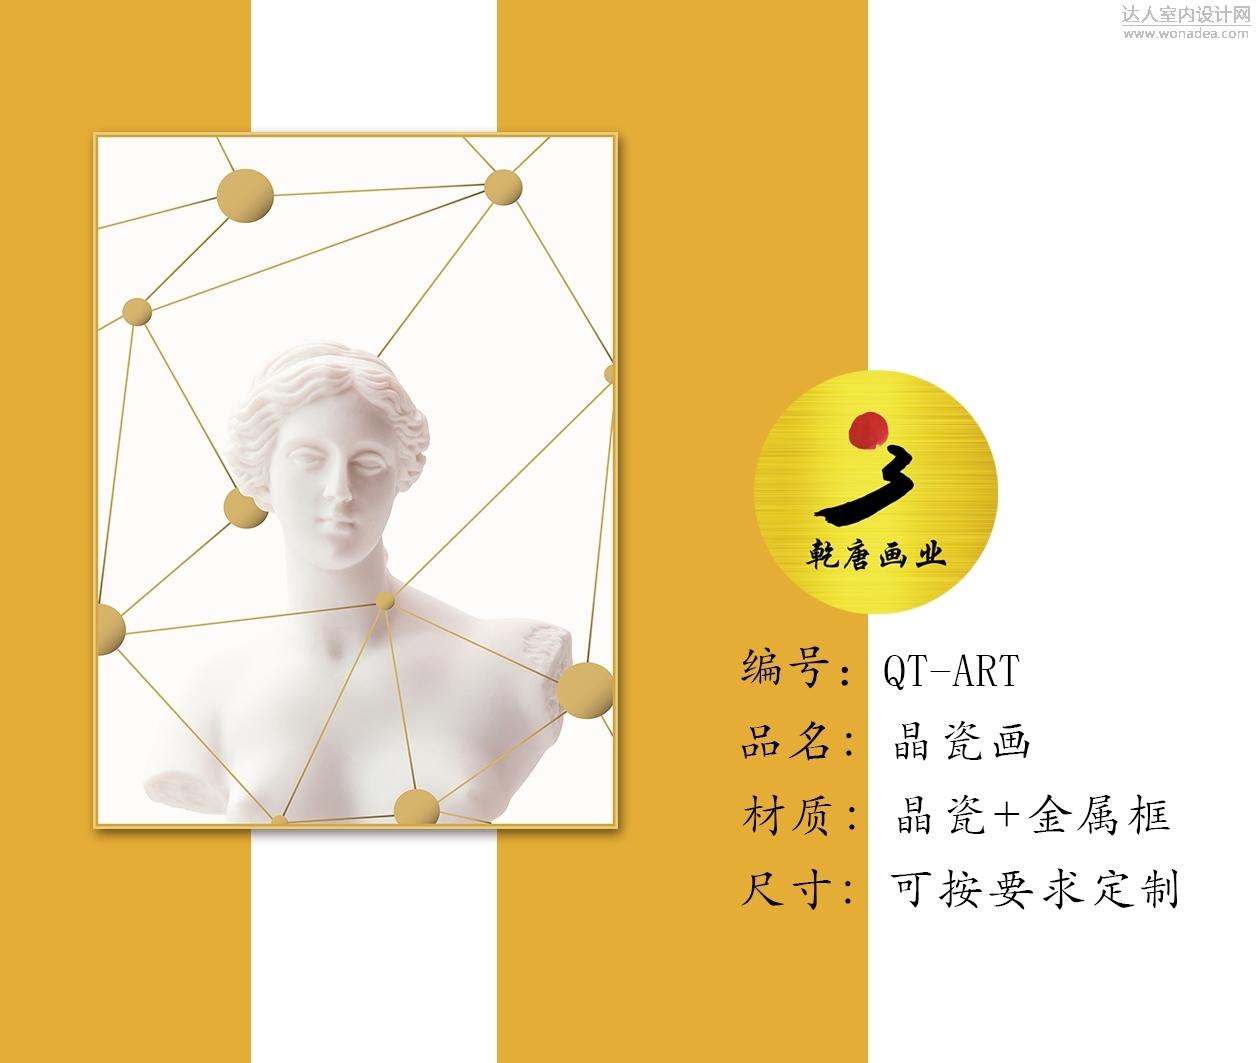 QT-ART-8 (86).jpg